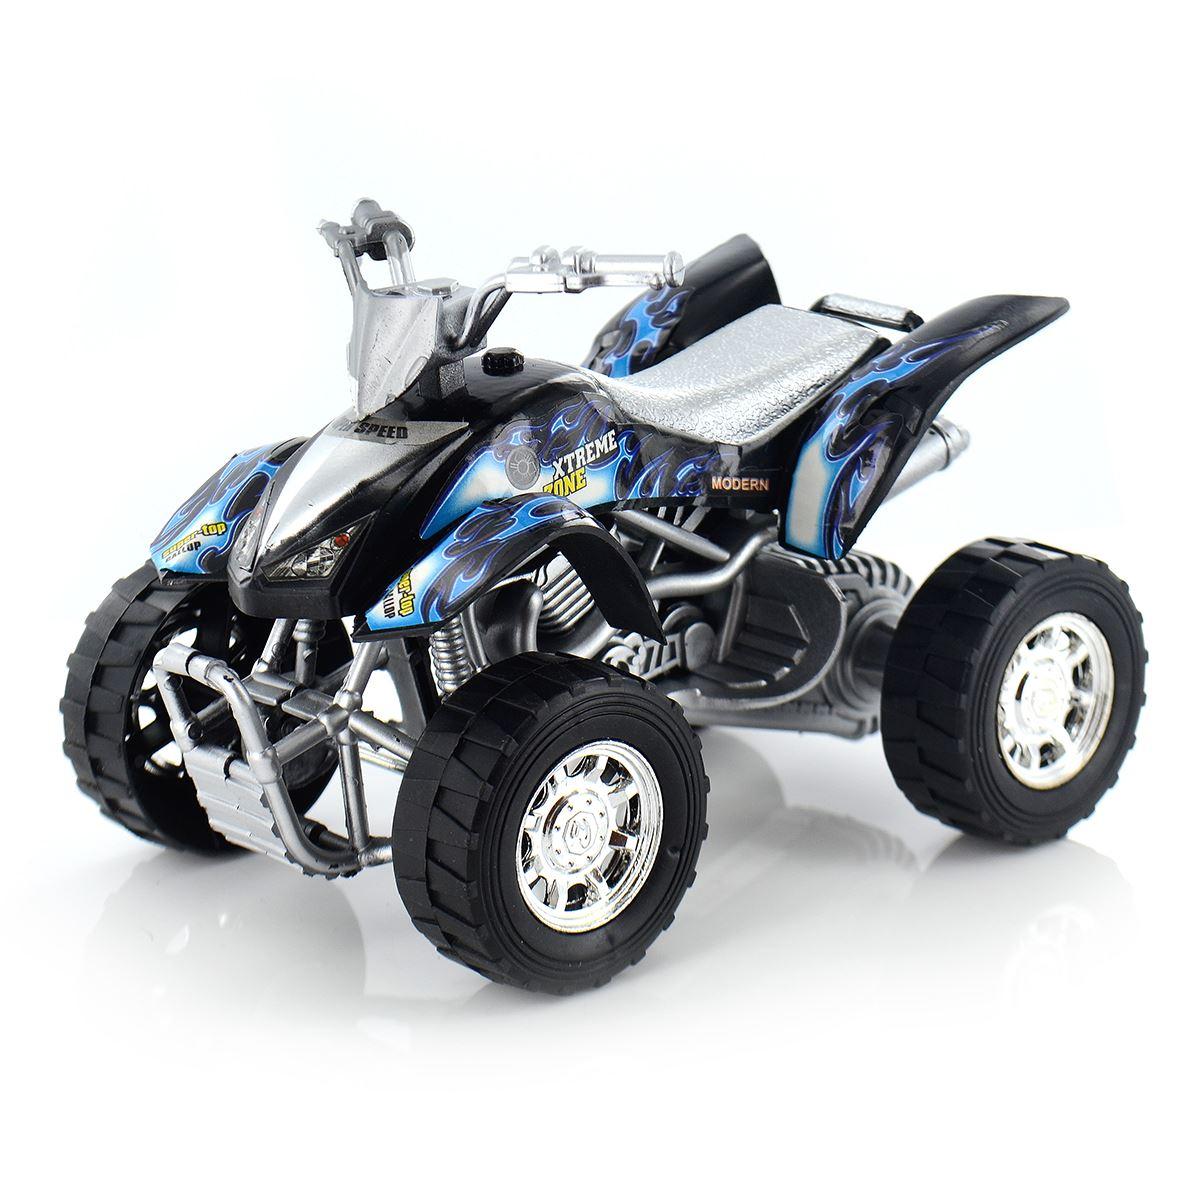 Childrens Kids Plastic Friction Quad Bike Toy Mini ATV ...  Childrens Kids ...